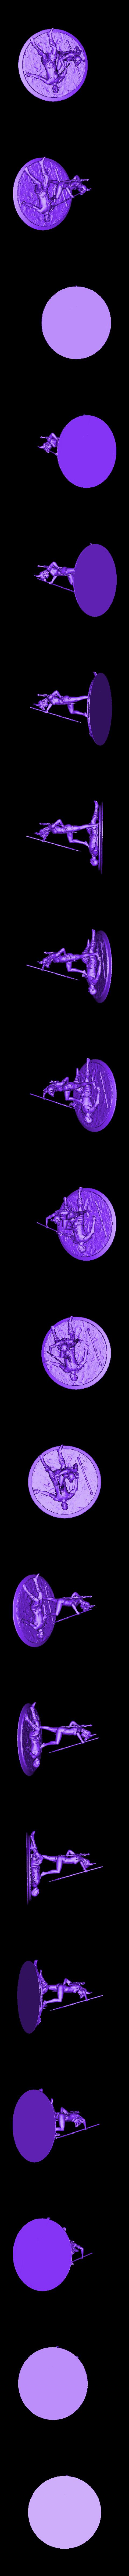 Amazonka_repaired.stl Télécharger fichier STL gratuit Fille guerrière amazonienne avec le spire • Design pour impression 3D, Boris3dStudio